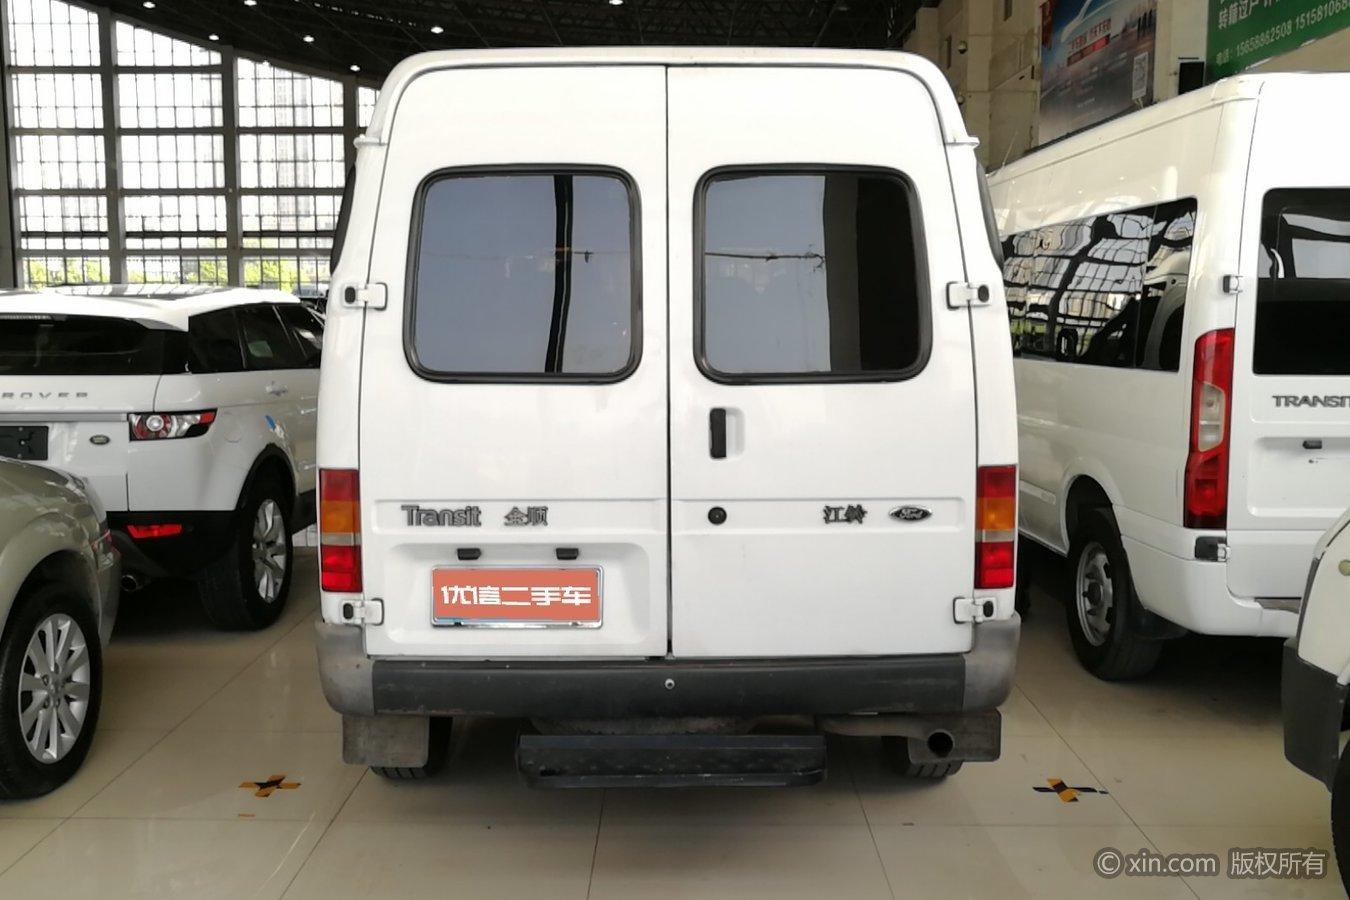 福特 全顺经典 2006款 2.8t 手动 普通型长轴中顶5-9座 柴油